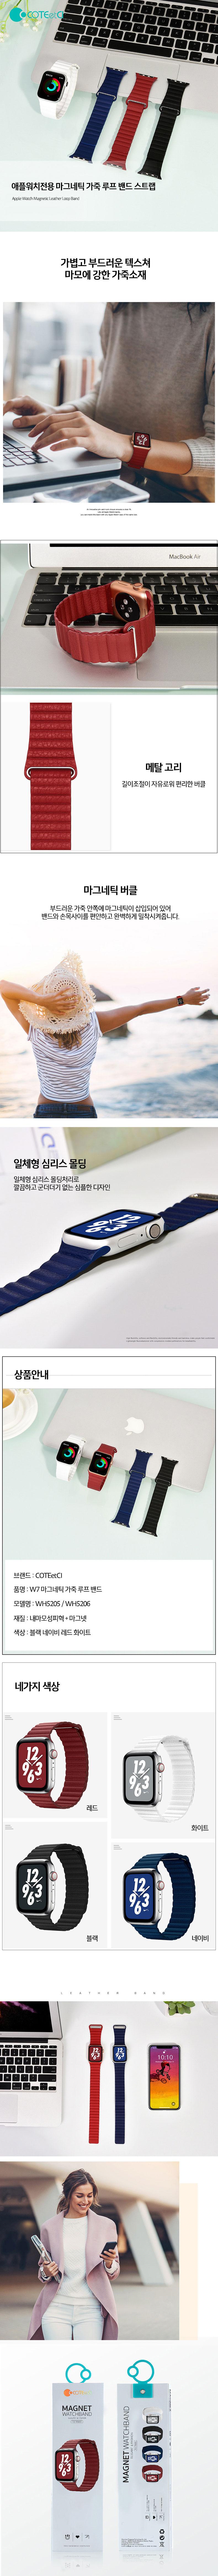 COTEetCl 애플워치 전용 마그네틱 가죽 루프 밴드 스트랩 시계줄 1 2 3 4 5세대 호환 - 아이스마일, 35,000원, 스마트워치/밴드, 스마트워치 주변기기